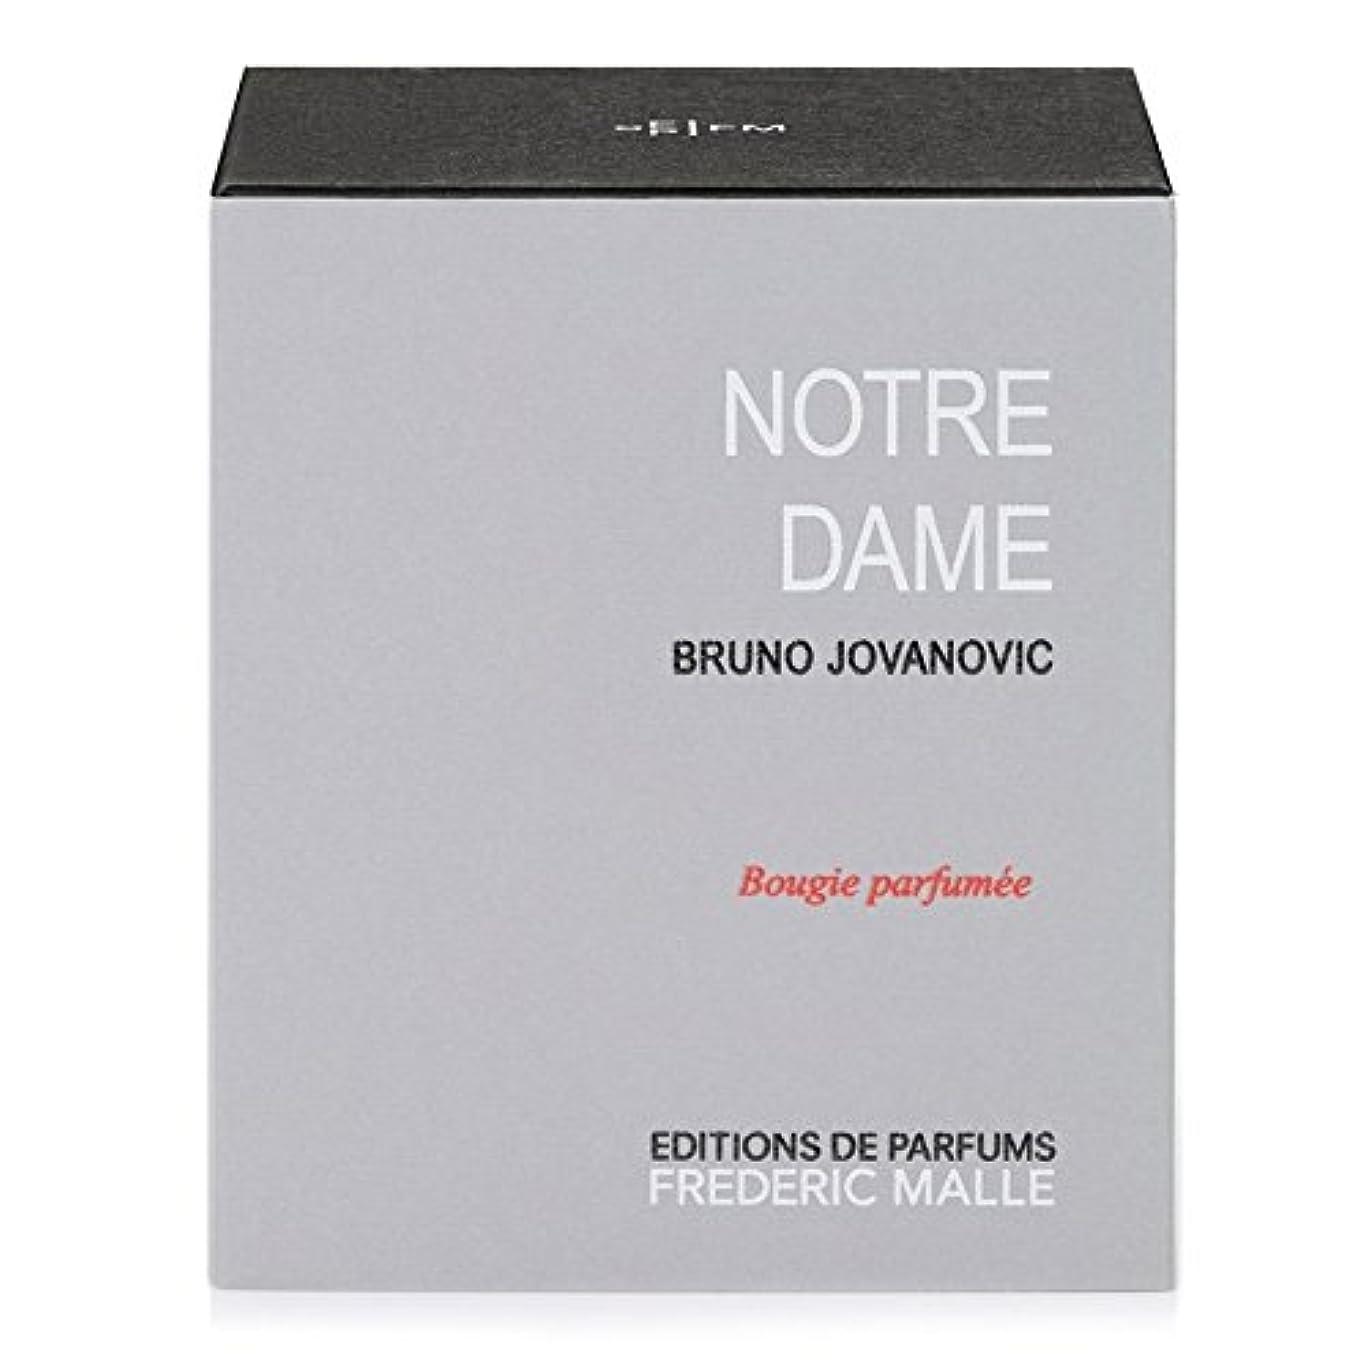 流星謎教室フレデリック?マルノートルダム香りのキャンドル220グラム x6 - Frederic Malle Notre Dame Scented Candle 220g (Pack of 6) [並行輸入品]